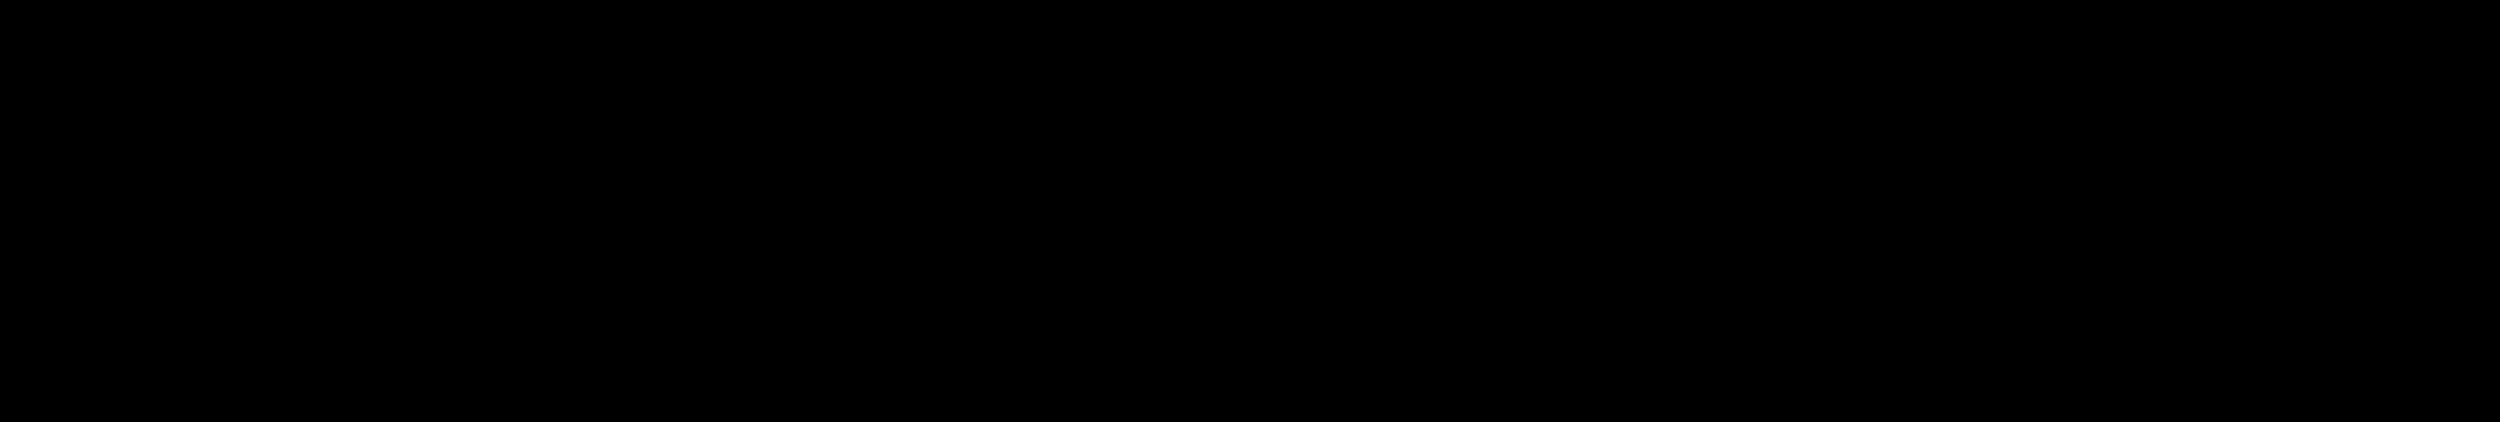 Lokalkrafta-logo-svart.png